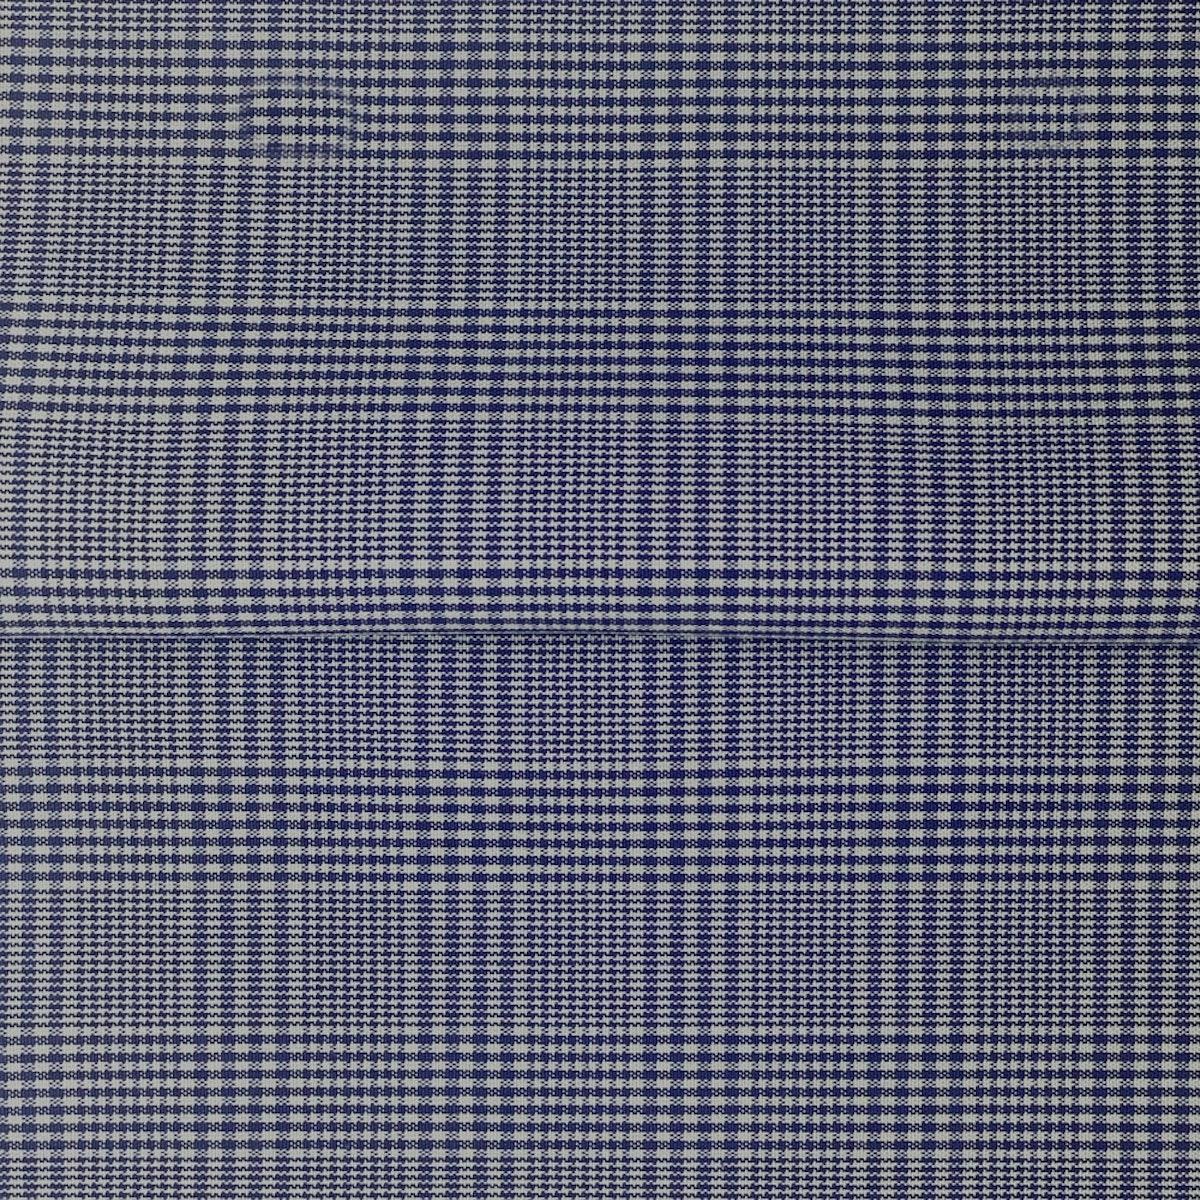 InStitchu Shirt Fabric 256